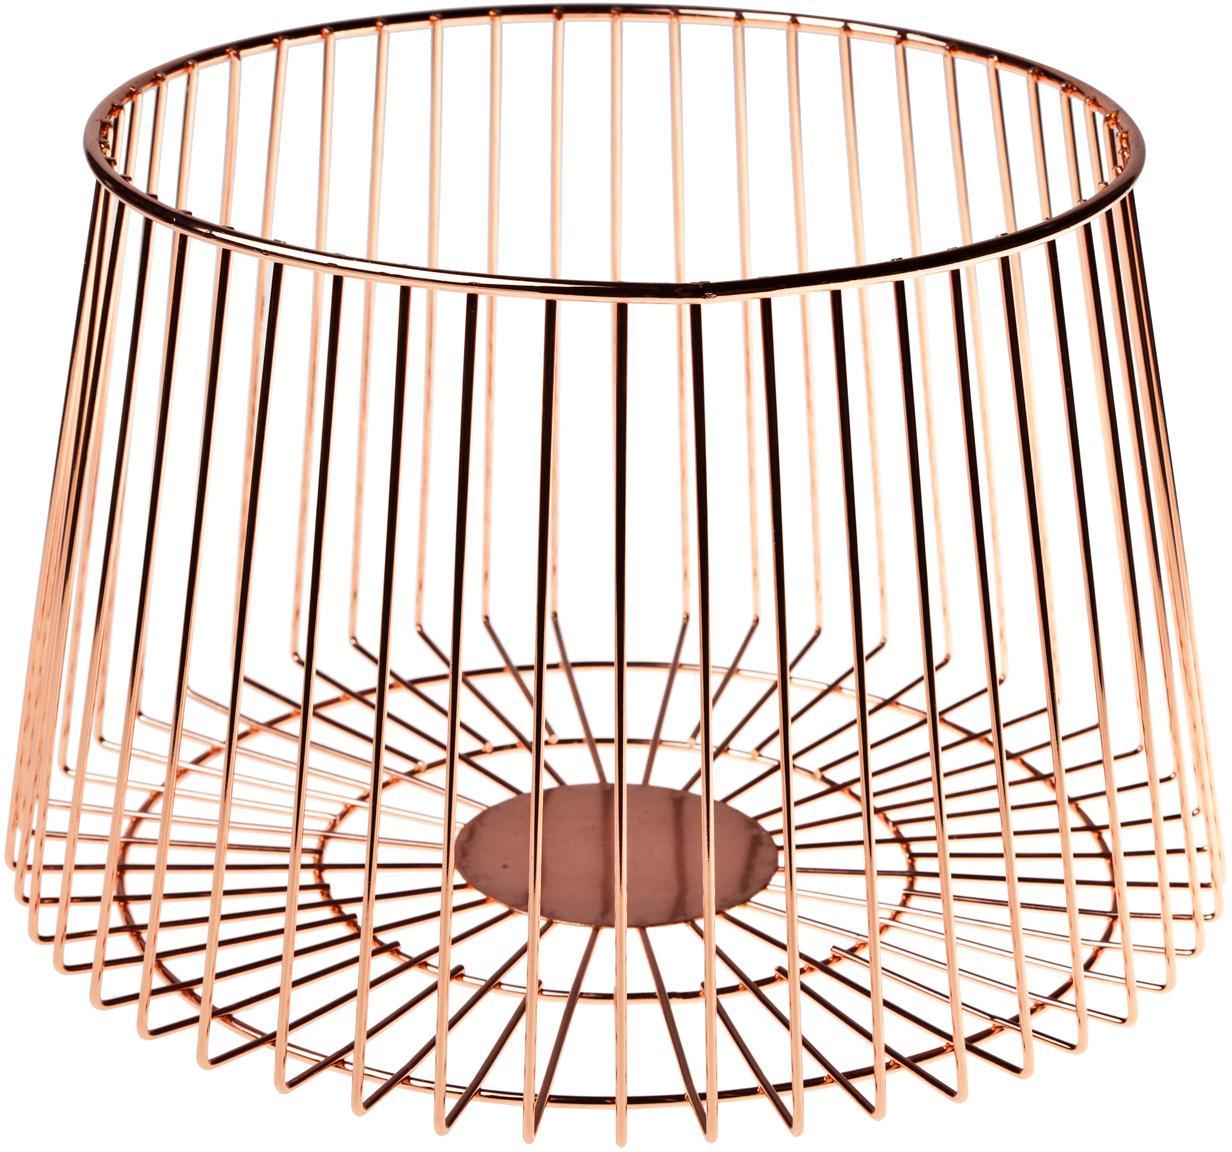 Opbergmand Basket in koperkleur, Gecoat edelstaal, Koperkleurig, Ø 24 x H 16 cm